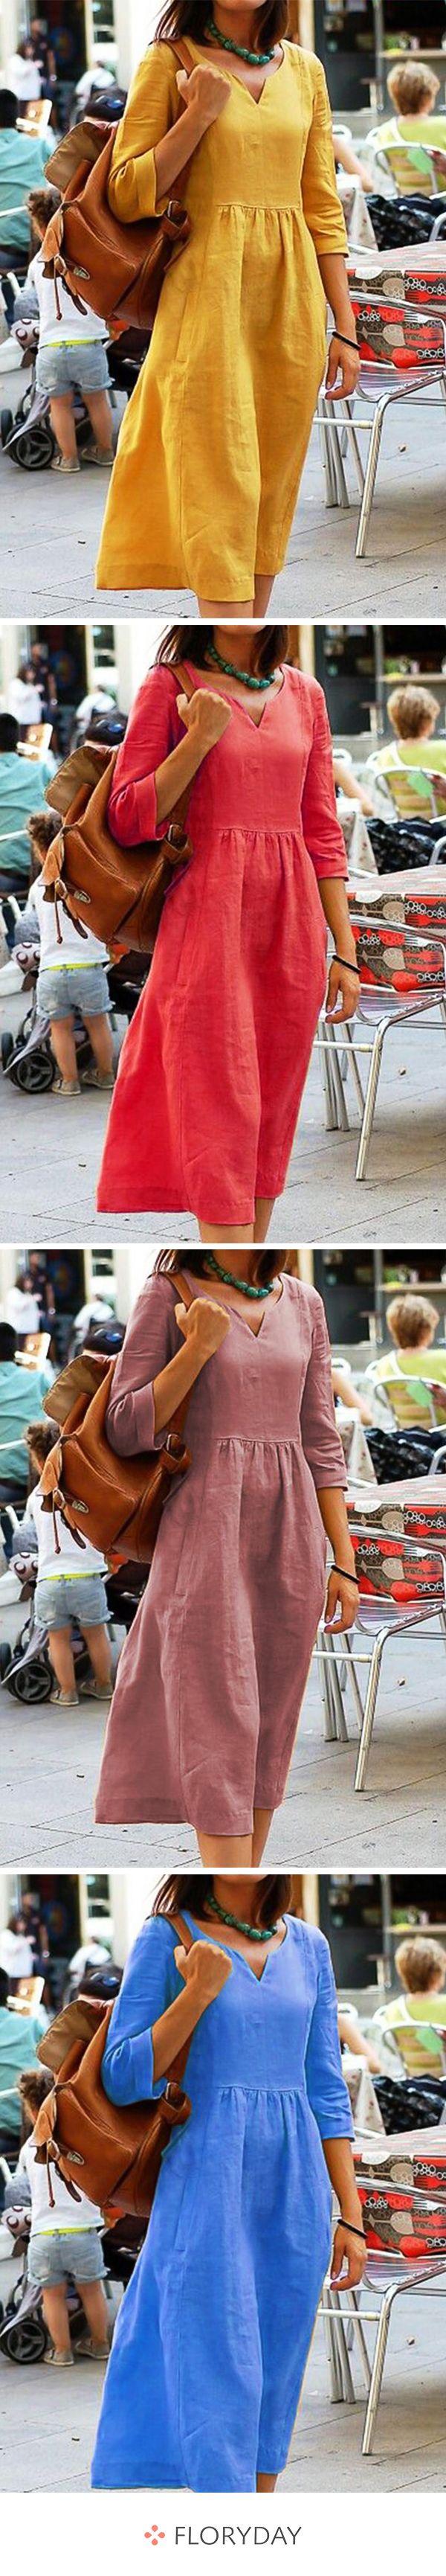 Knielange Kleider mit Taschen und 3/4 Ärmel  – Elli